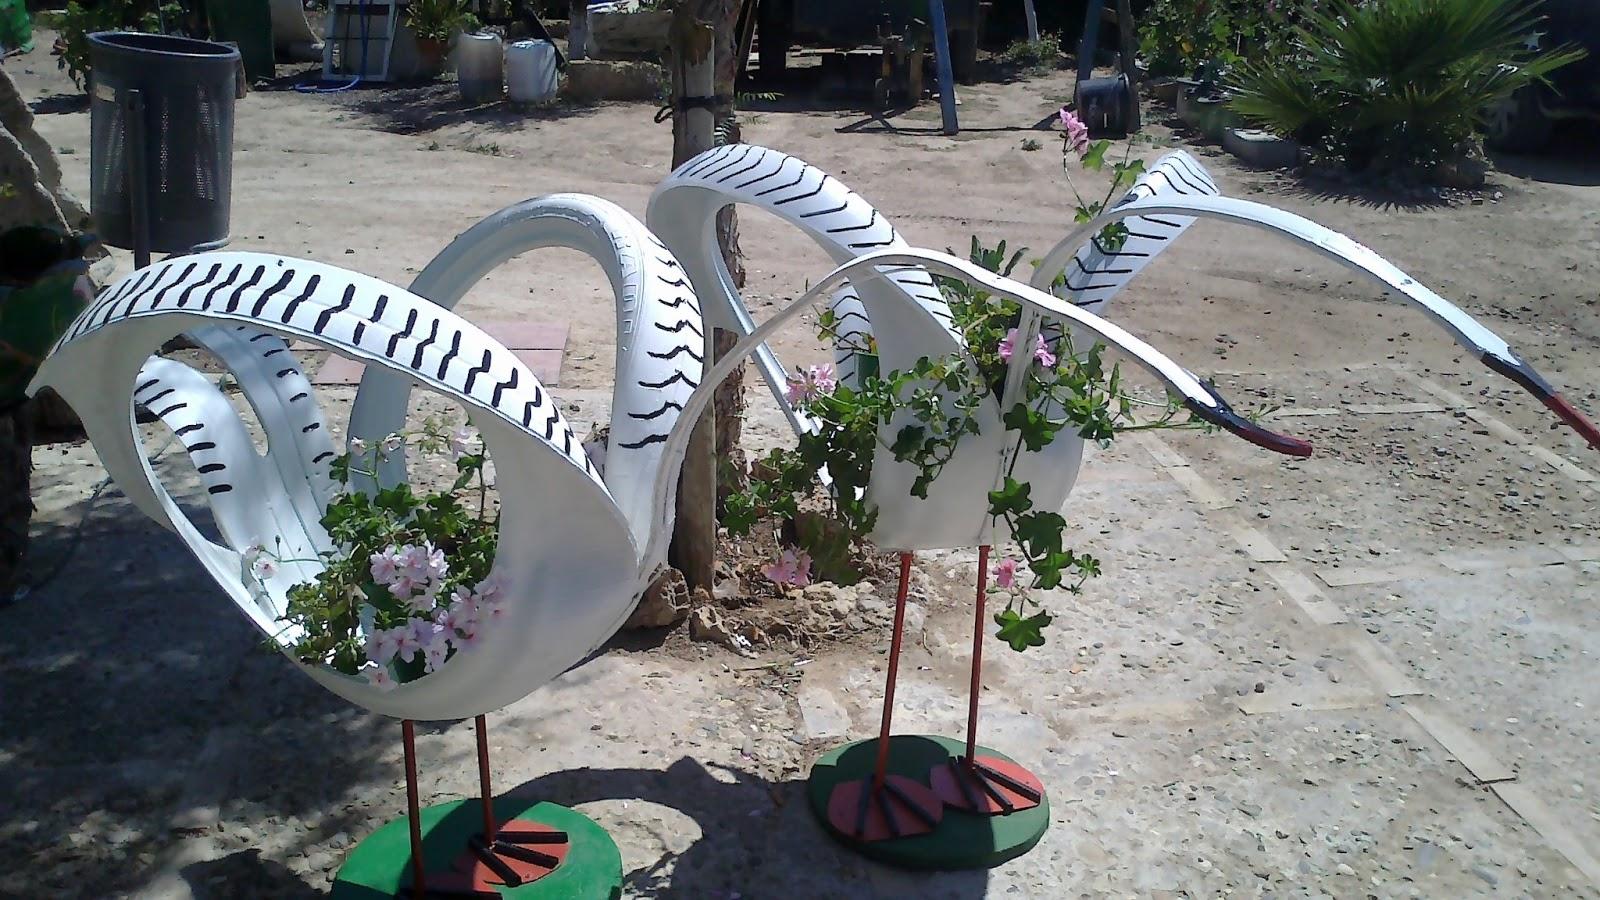 Maceteros y decoraci n de jardines con neum ticos se - Decoracion con neumaticos ...